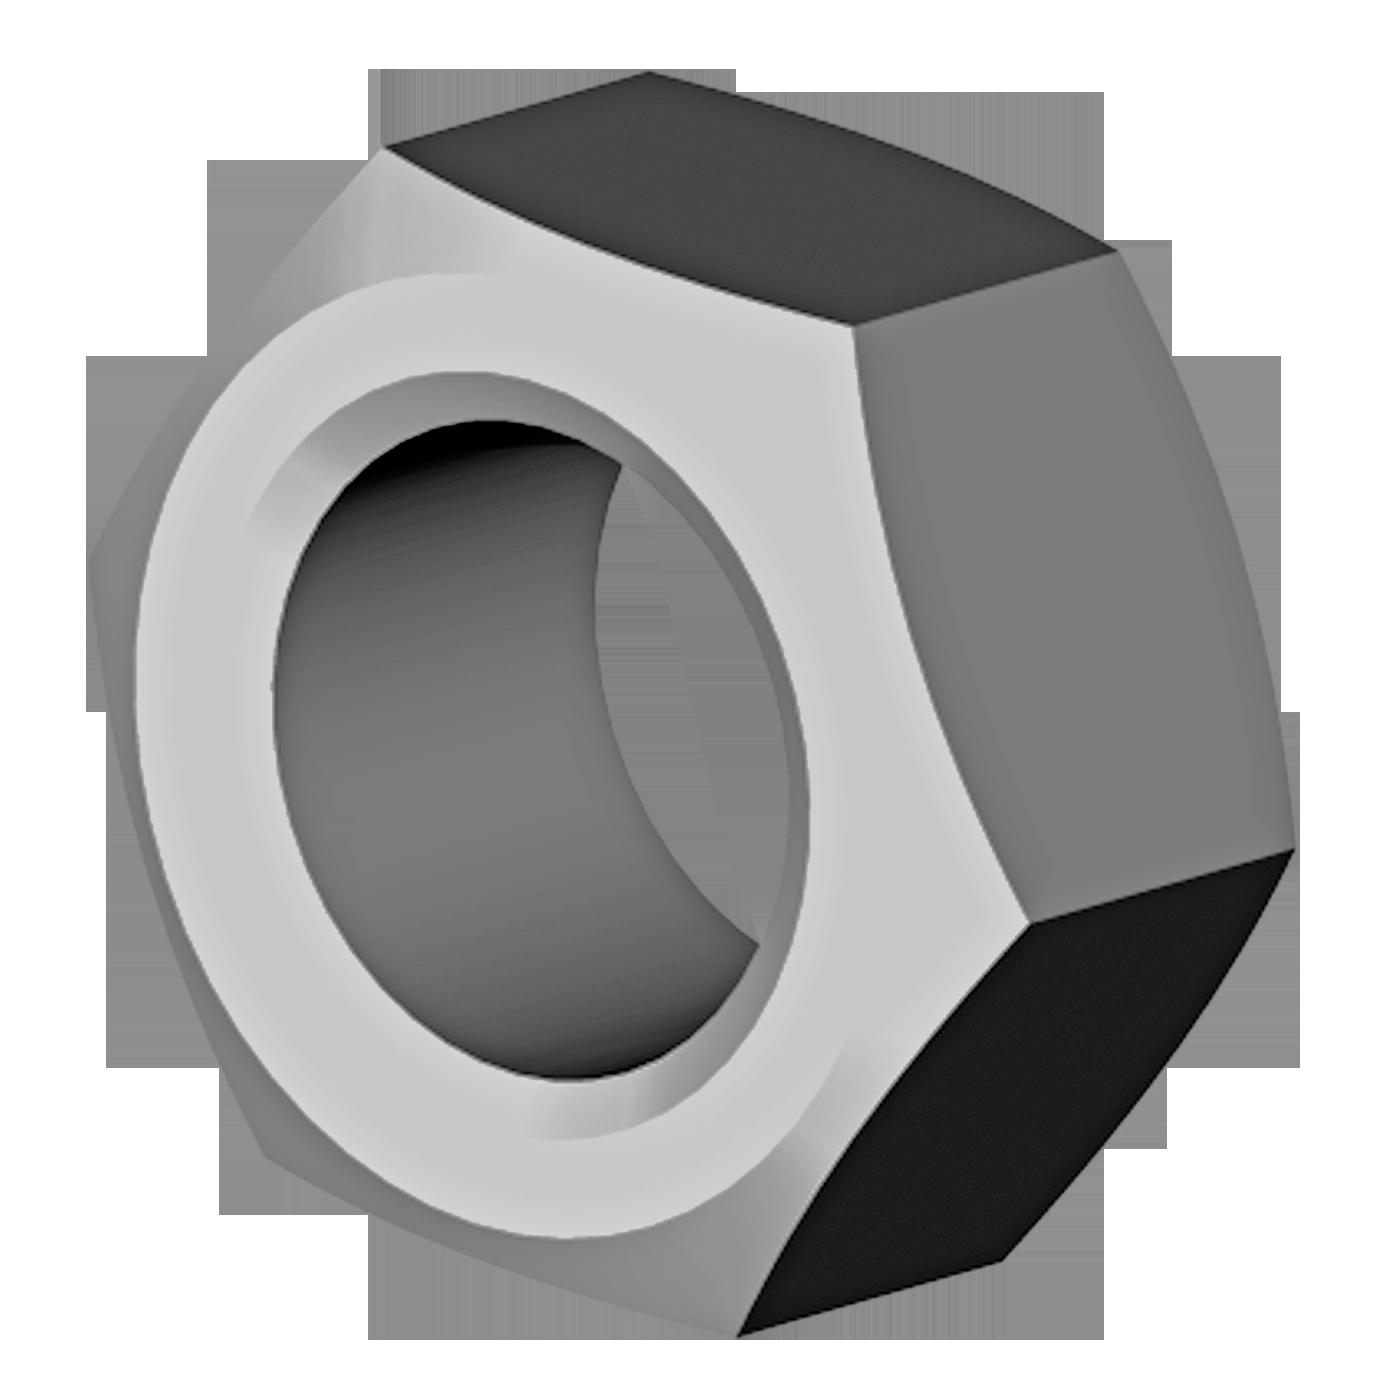 Die Muttern nach DIN 934 sind Sechskantmuttern, die mbo Oßwald ergänzen im Produktprogramm hat. Sie werden häufig zum Kontern verwendet, z.B. bei Gelenkstangen oder werden bei Winkelgelenken nach DIN 71802 lose mitgeliefert.